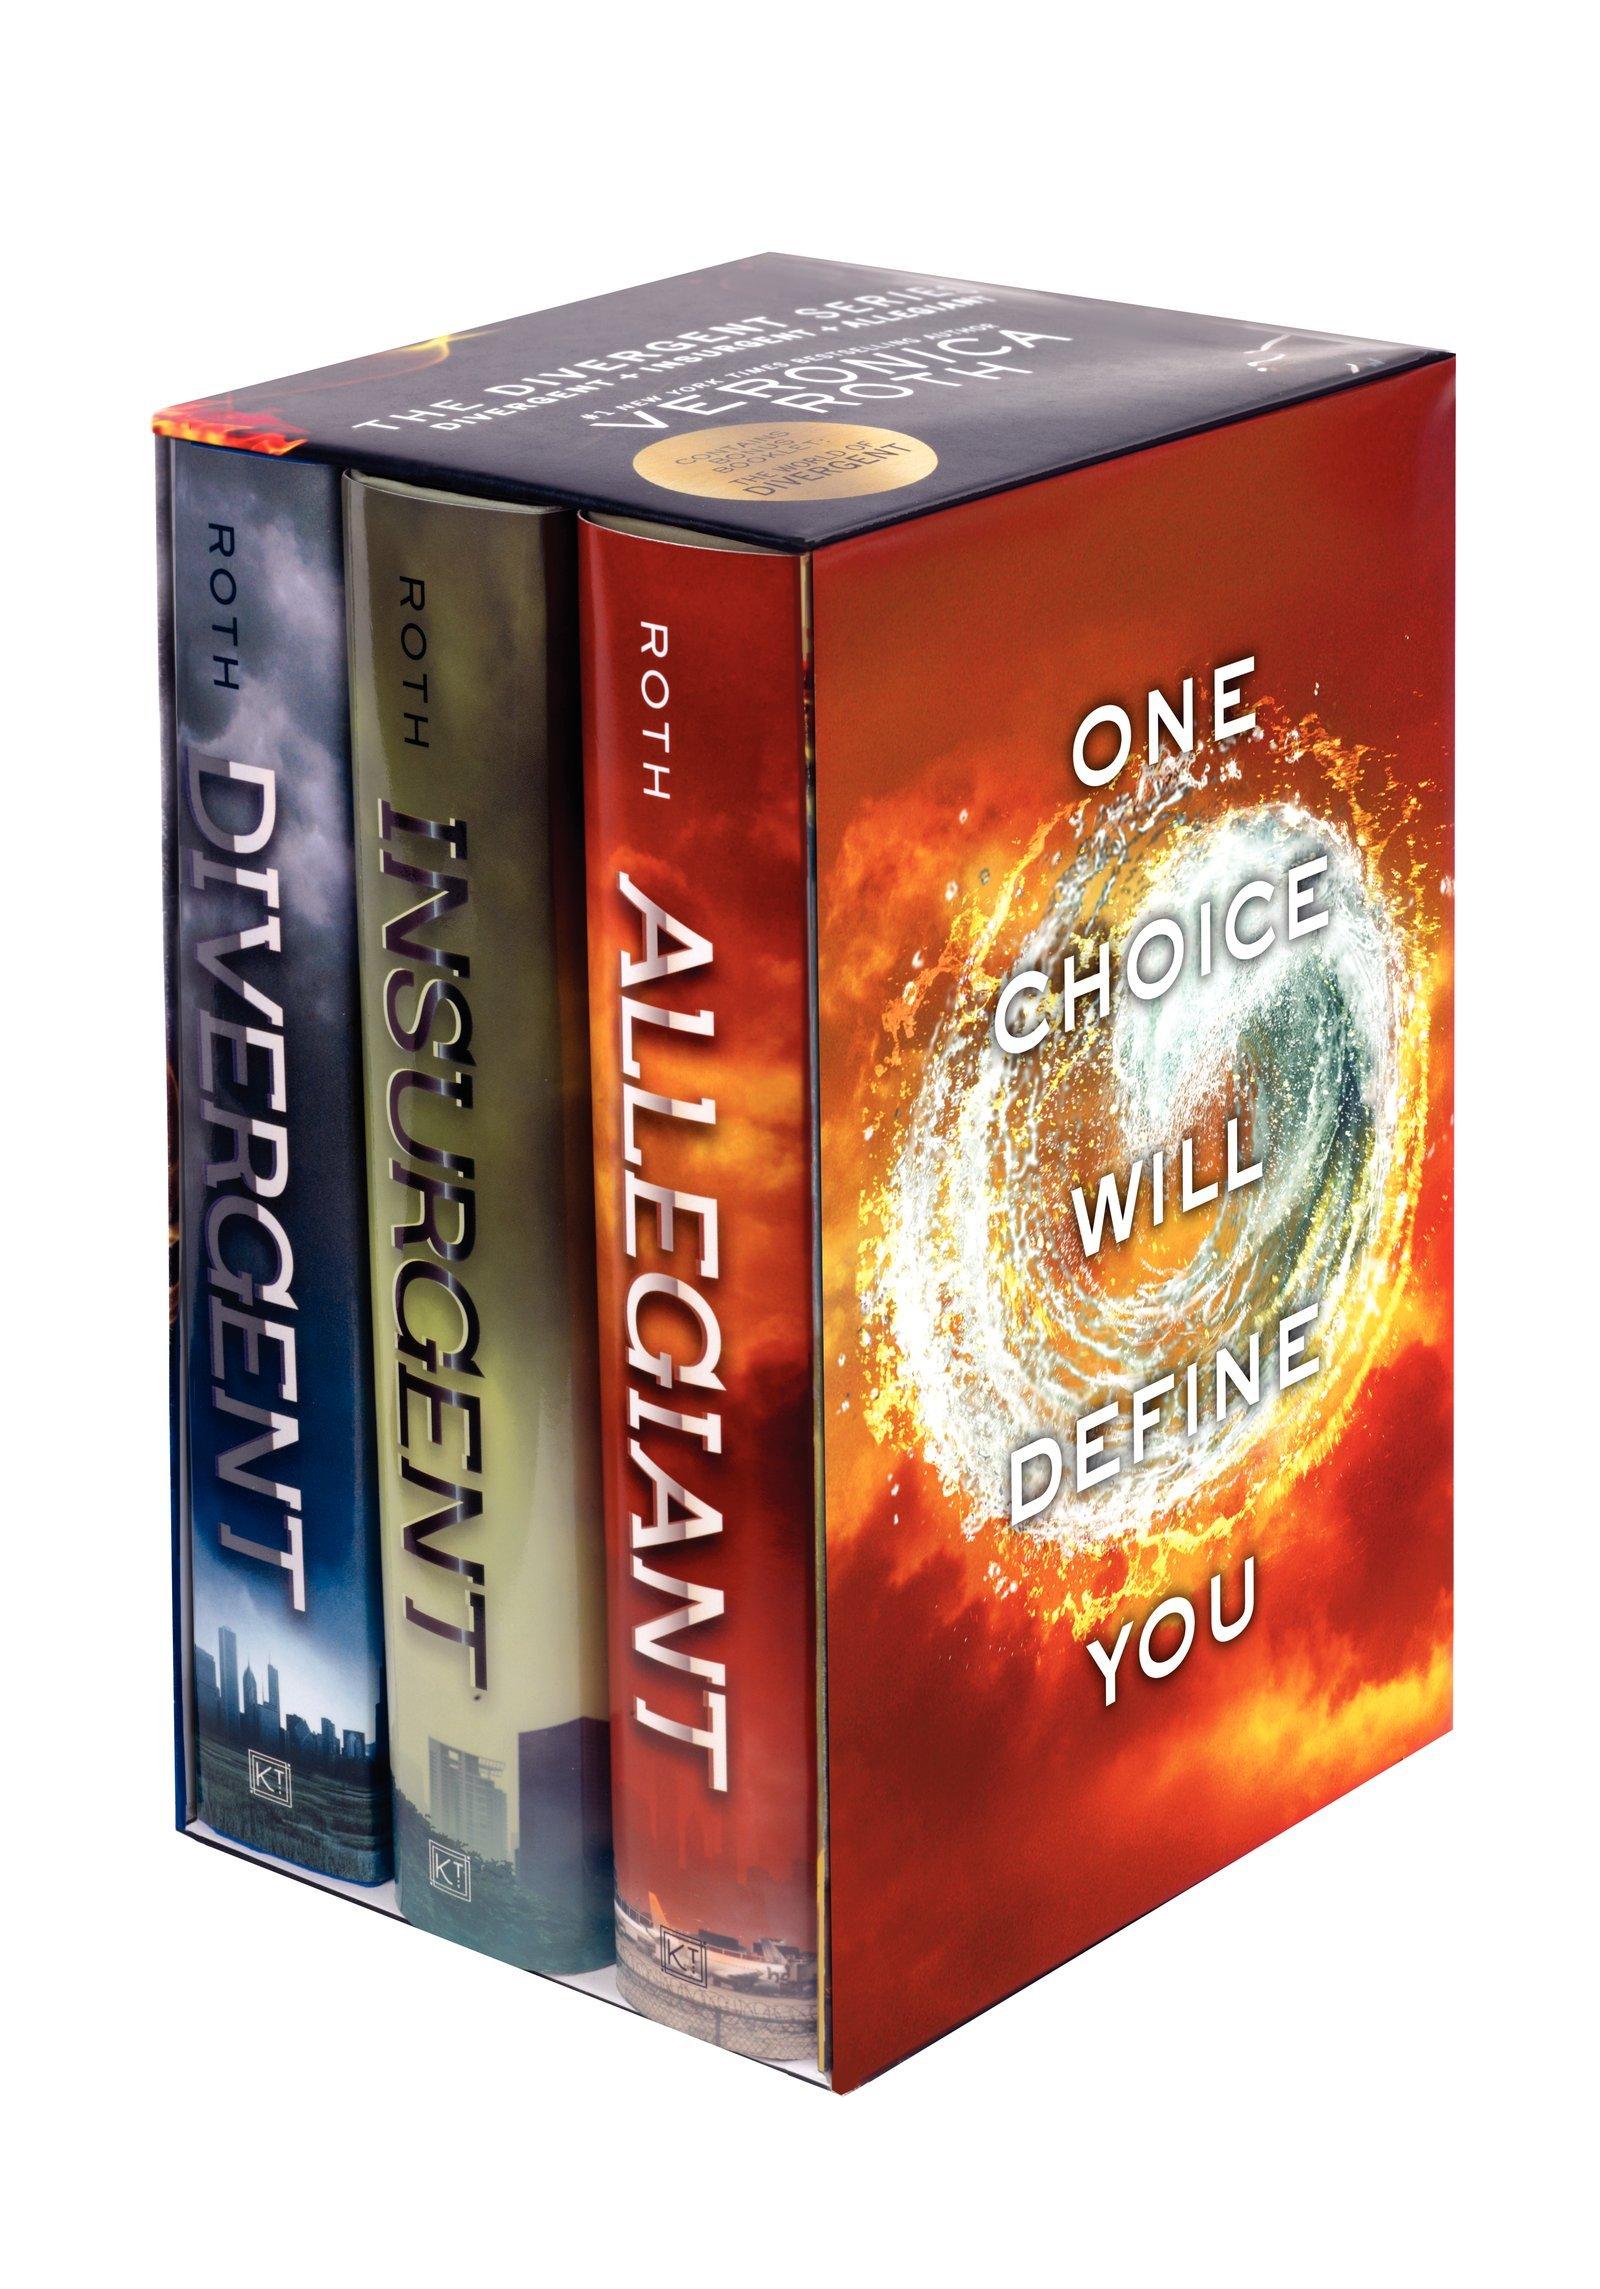 Divergent Book Spine